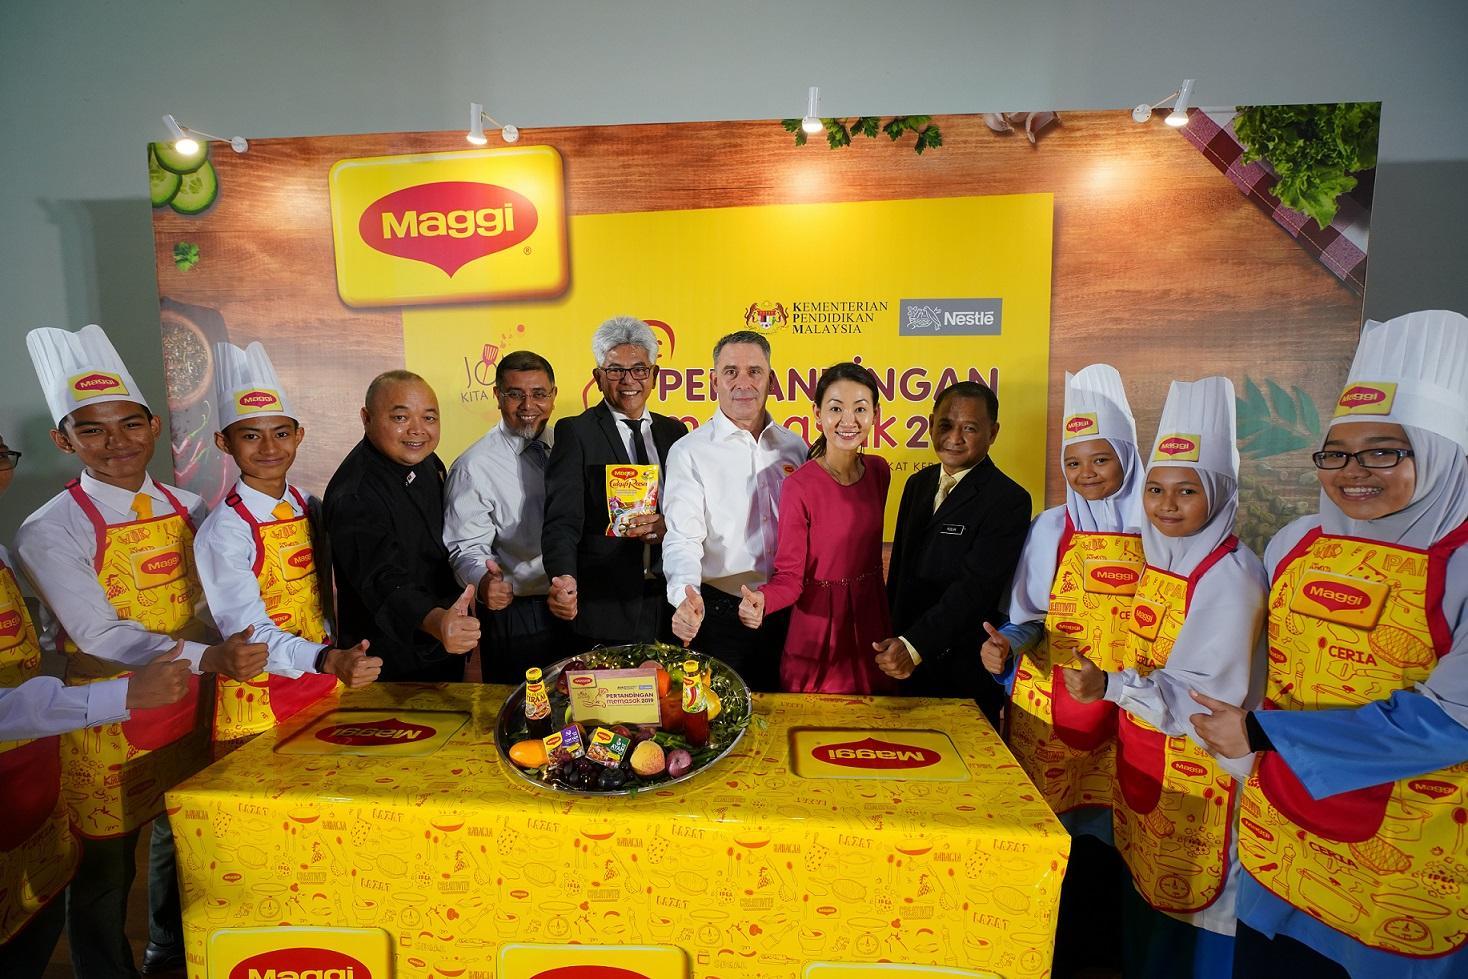 MAGGI® & KPM Mulakan Pencarian Chef Muda Berbakat Dengan Melancarkan Pertandingan Memasak Sekolah Menengah MAGGI® ke 23